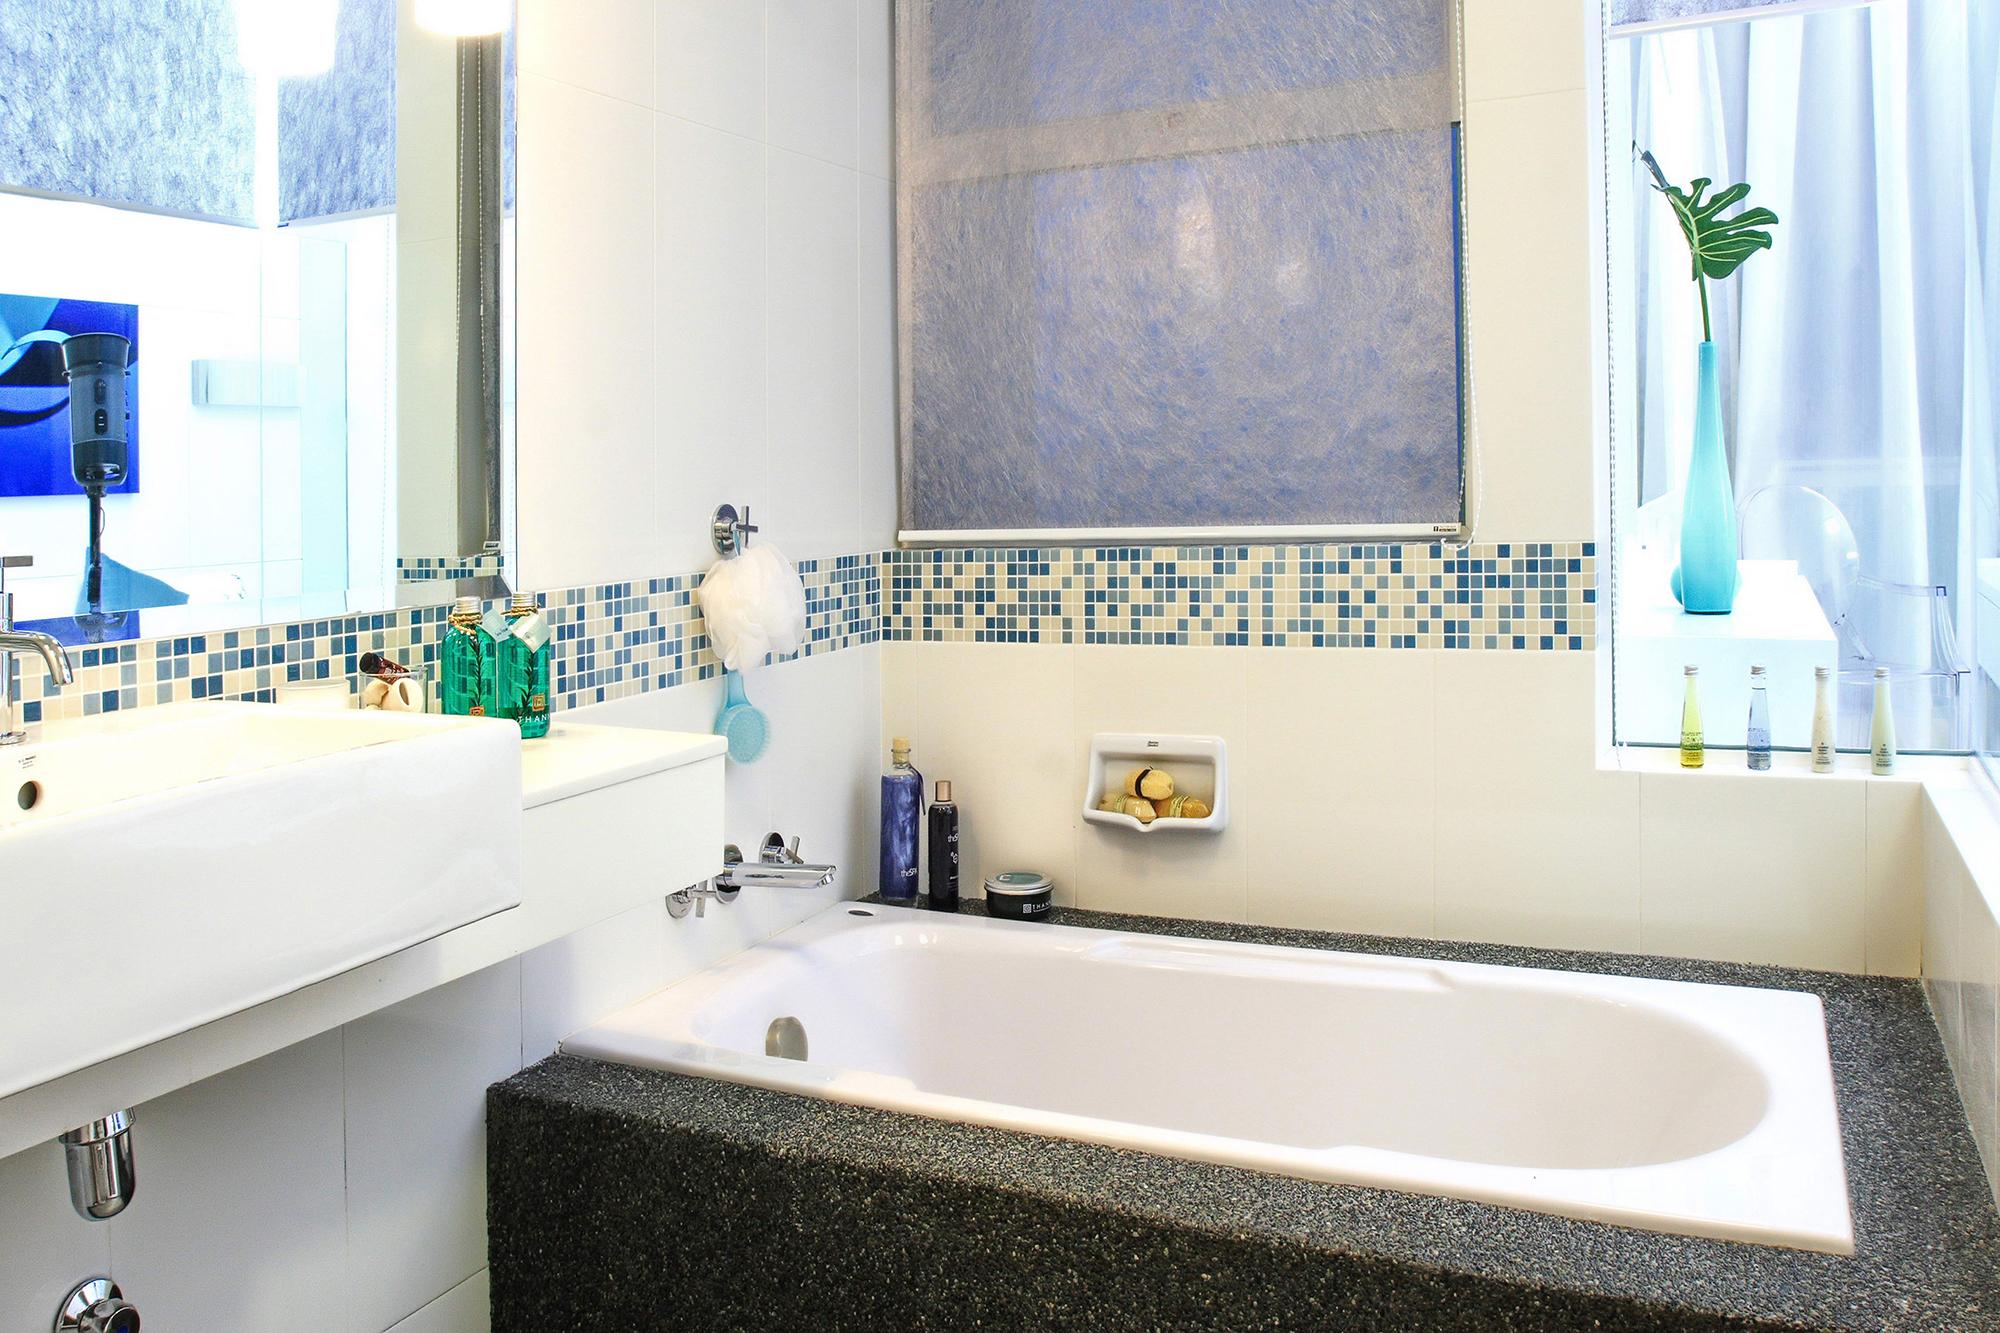 Горизонтальная полоса из мозаики в ванной комнате